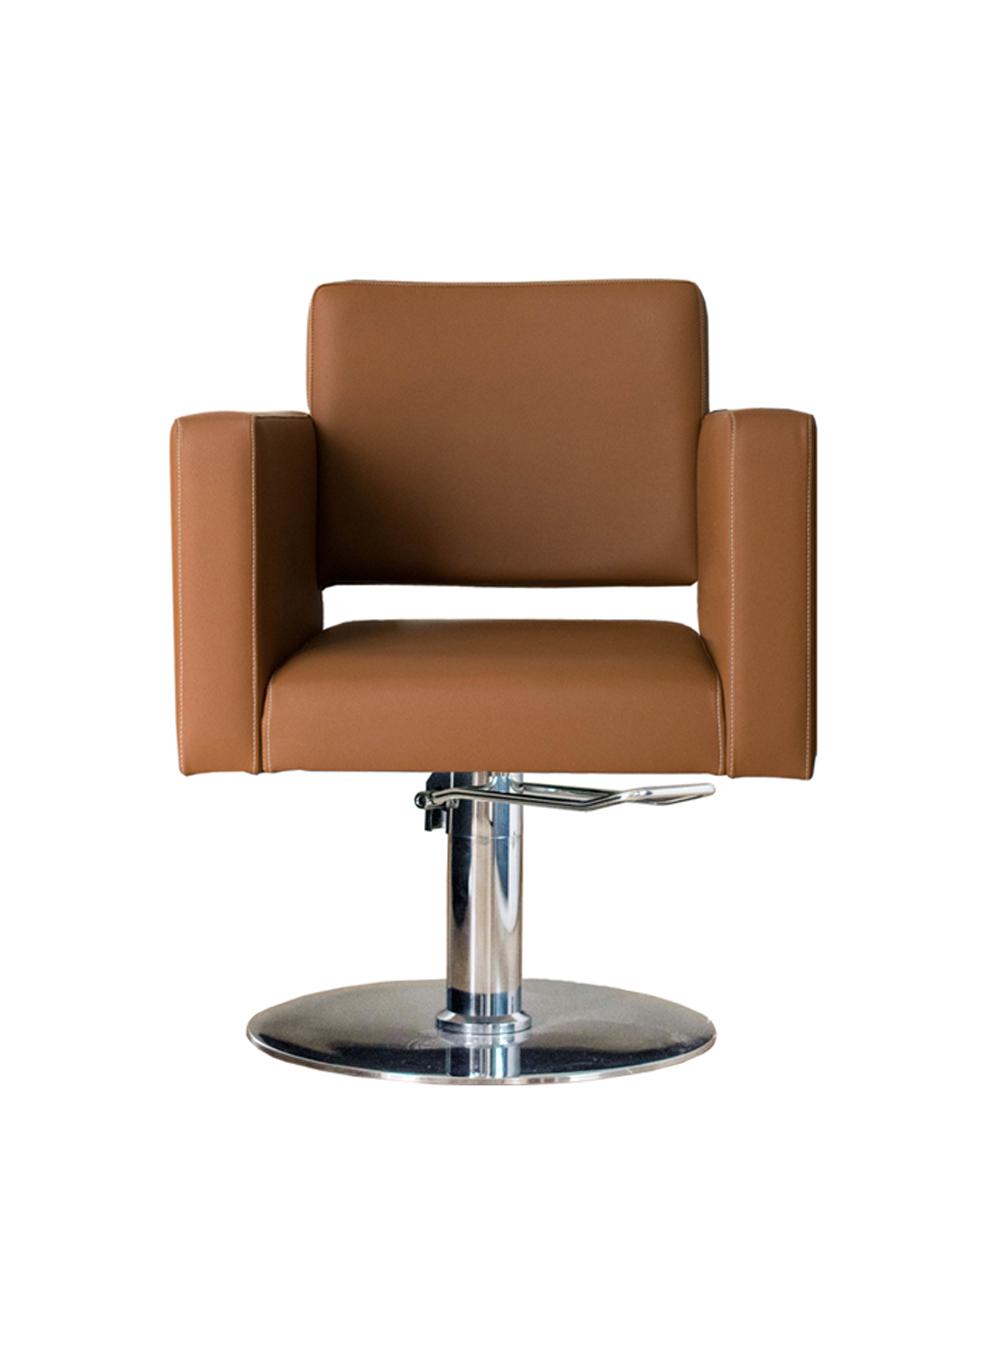 Muebles De Peluqueria Segunda Mano T8dj Decovera Fabricantes De Mobiliario Para Peluquerà as